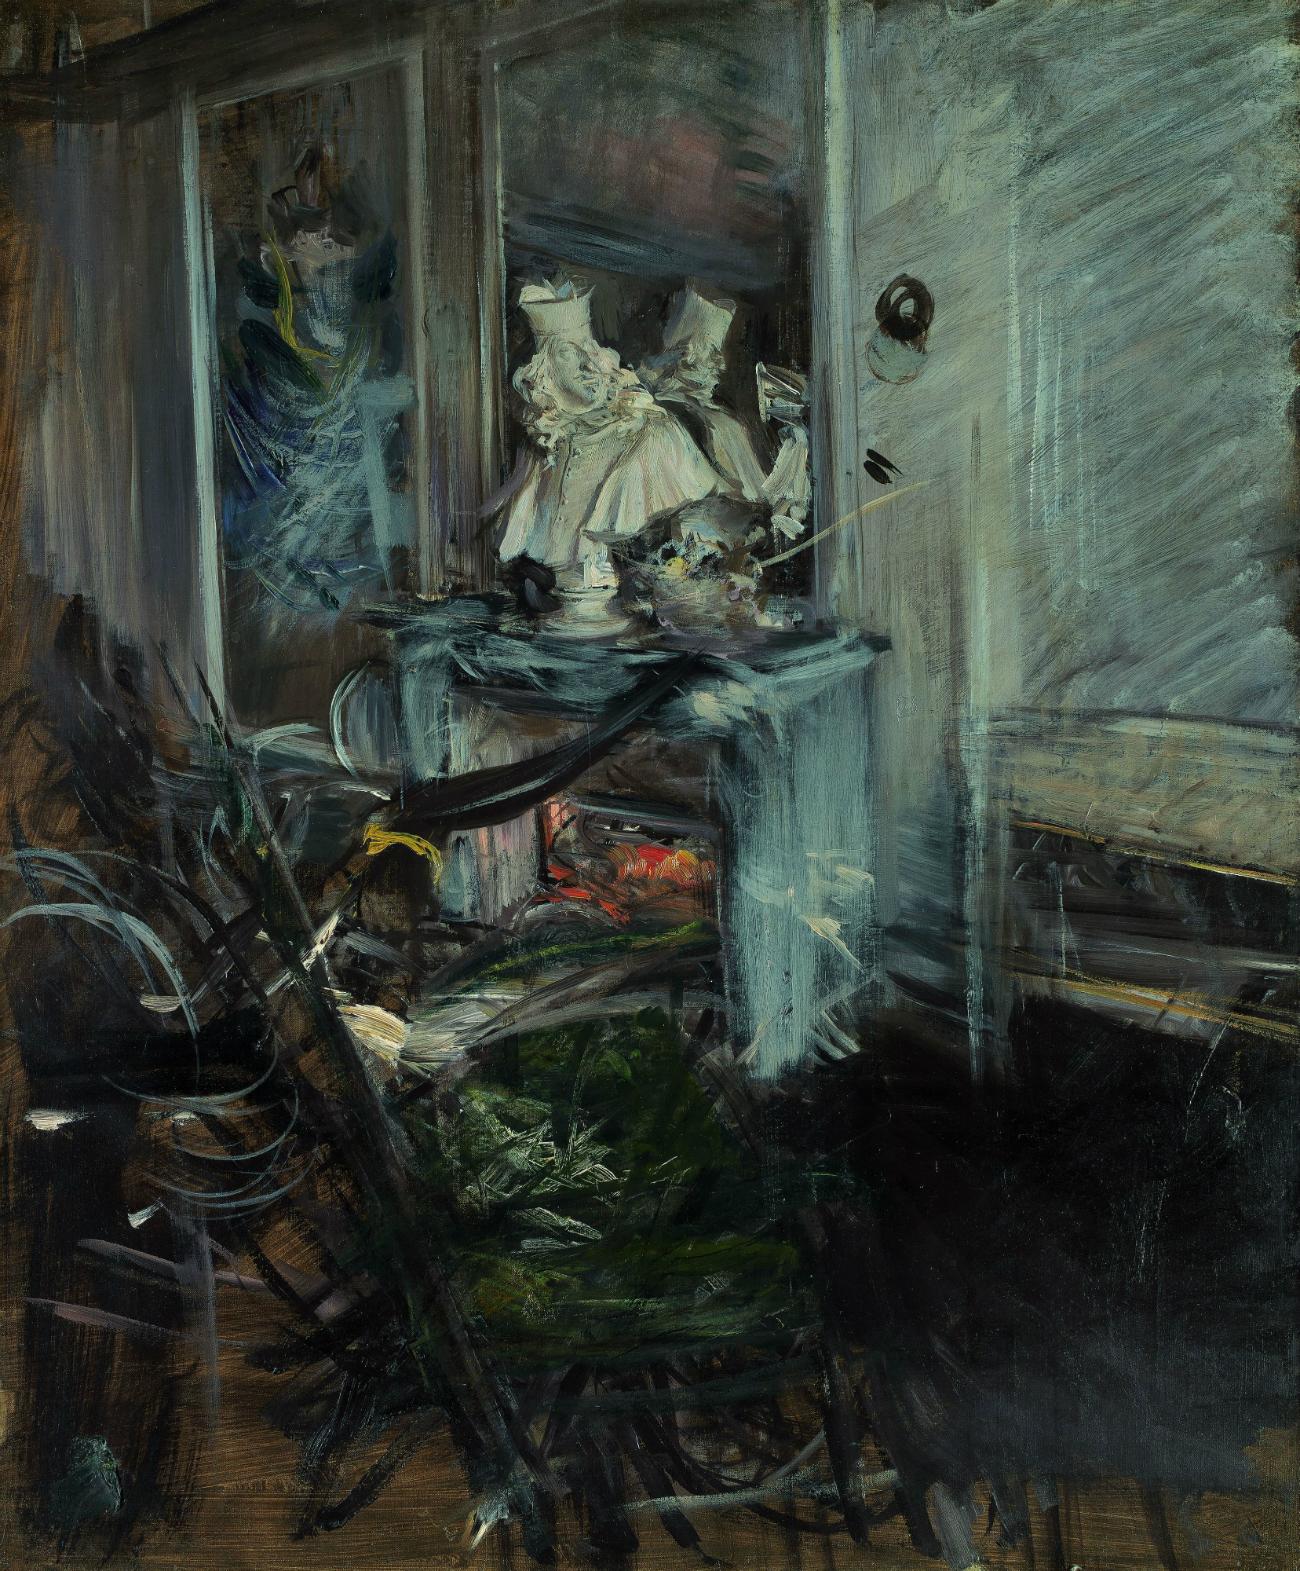 Un angolo della mensa del pittore, 1897. Giovanni Boldini. Fonte: Ufficio stampa Ermitage